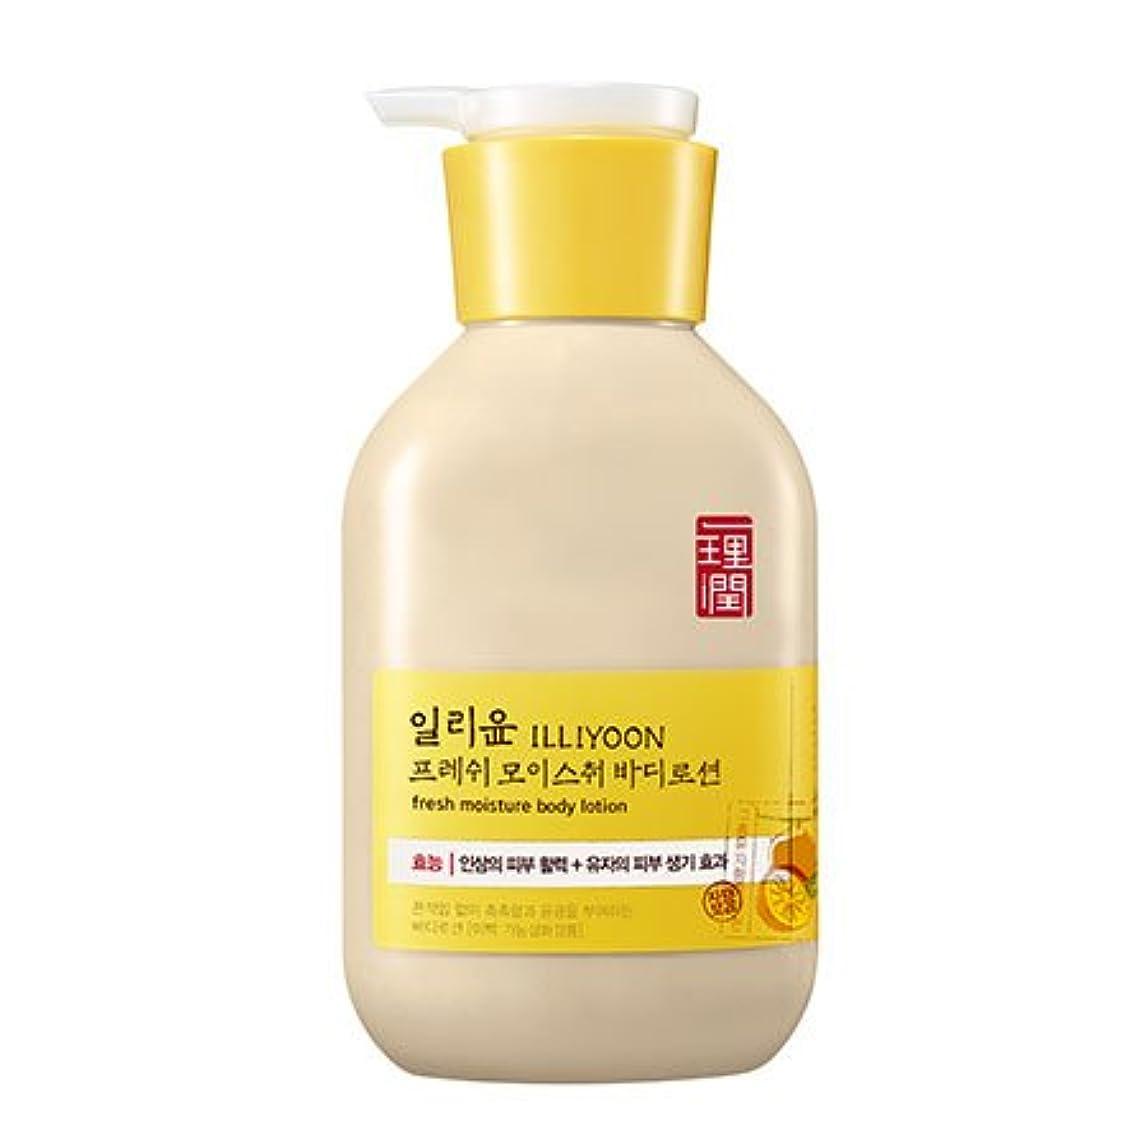 捨てる粒子オーブンILLIYOON Fresh Moisture Body Lotion 350ml/イリーユン [アモーレパシフィック] フレッシュモイスチャー ボディローション [並行輸入品]